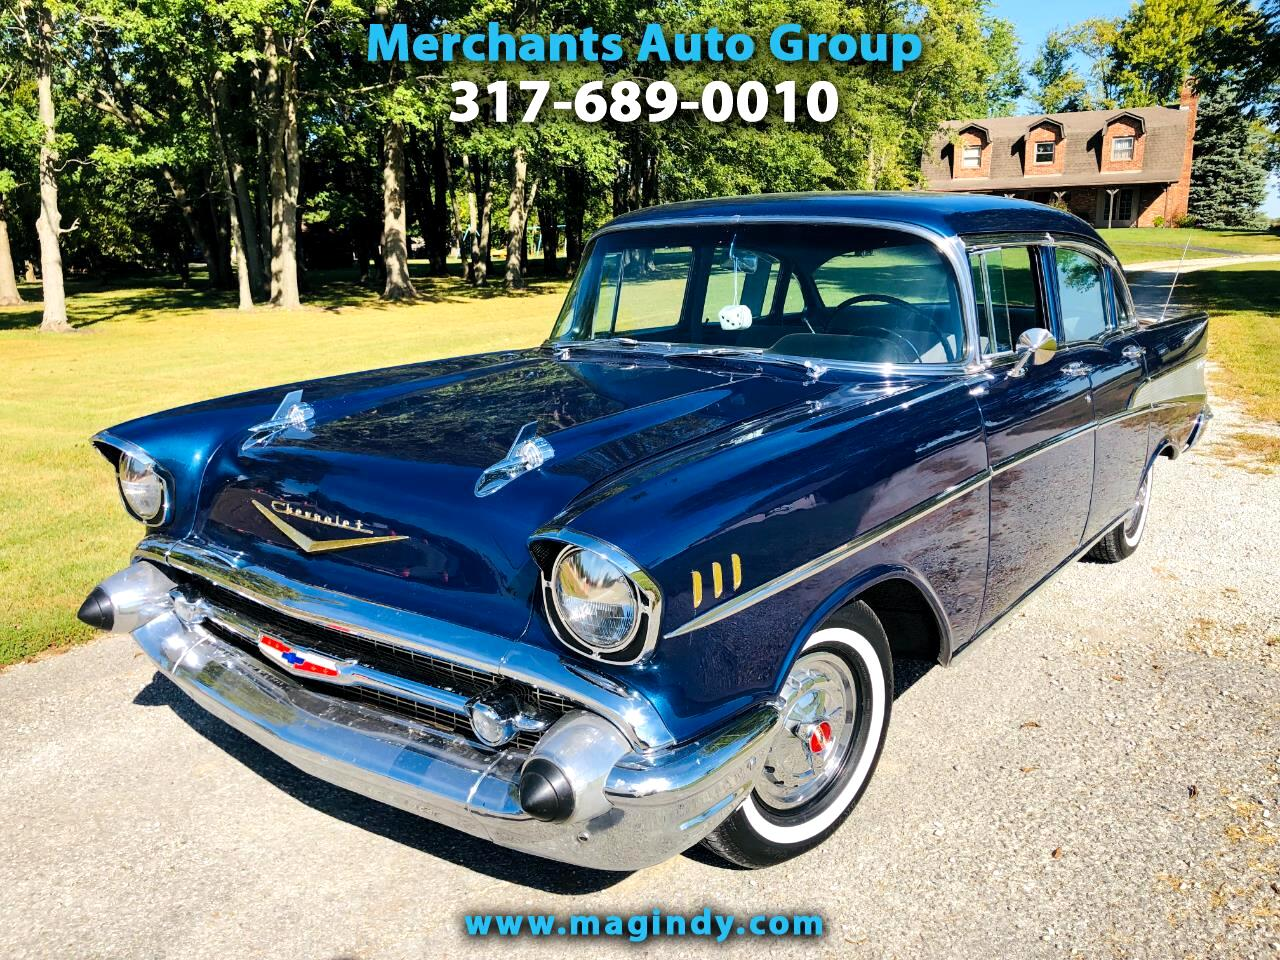 1957 Chevrolet BelAir 4 DR